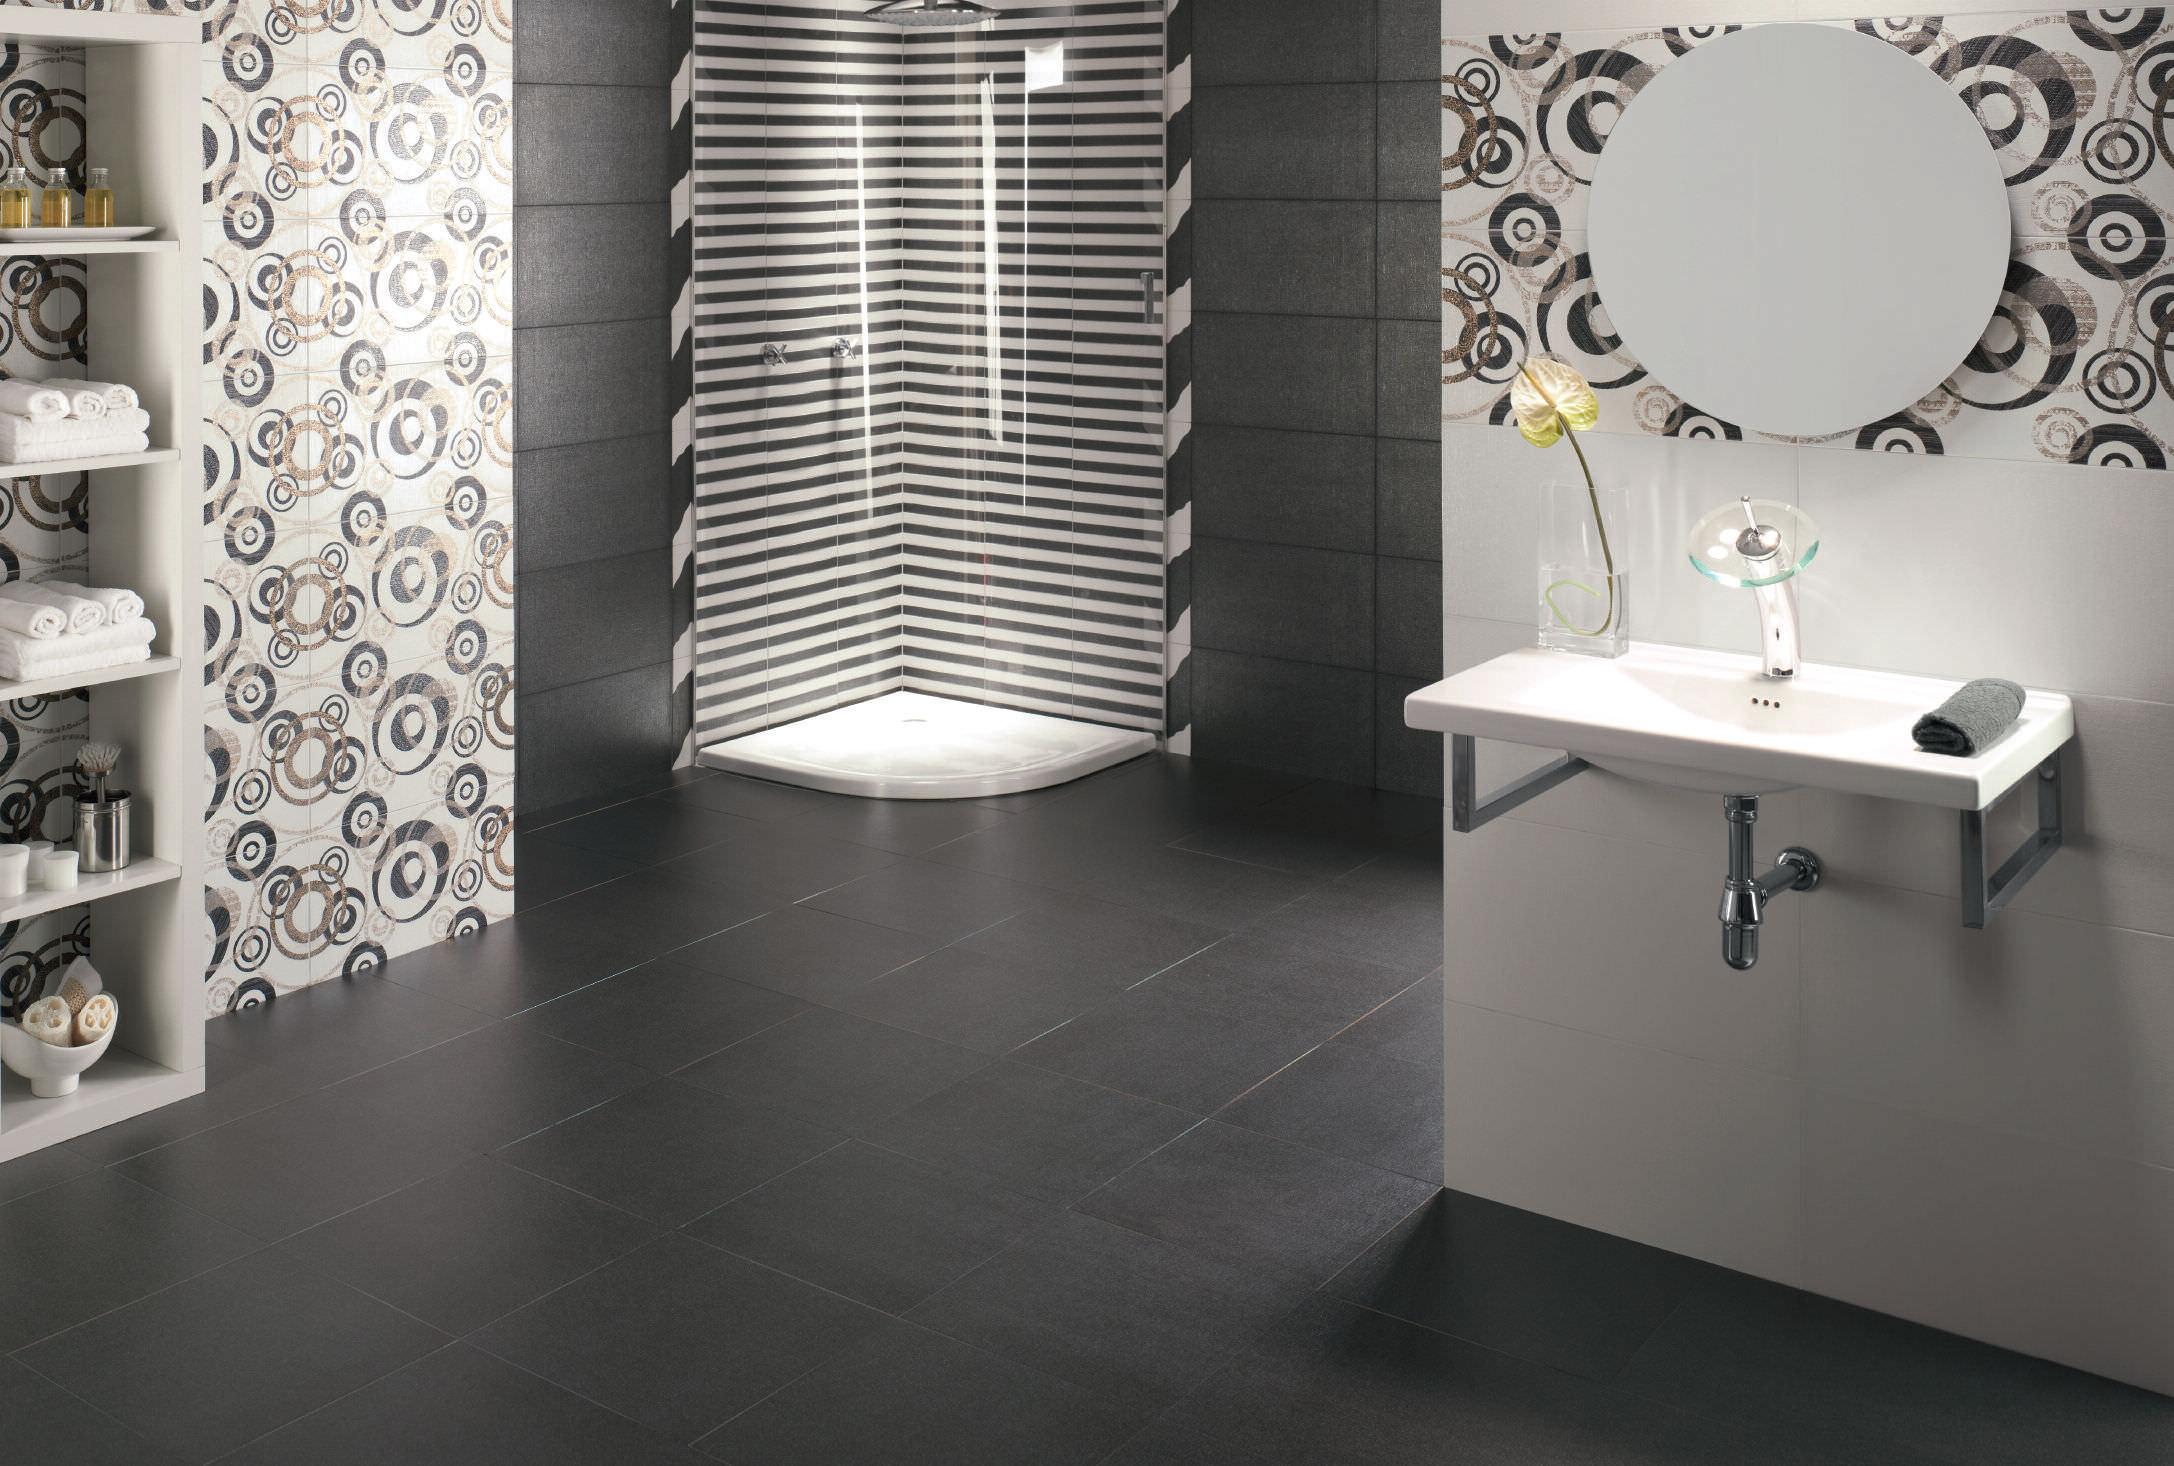 carrelage d'intérieur / de salle de bain / mural / en grès cérame ... - Lino Dans Salle De Bain